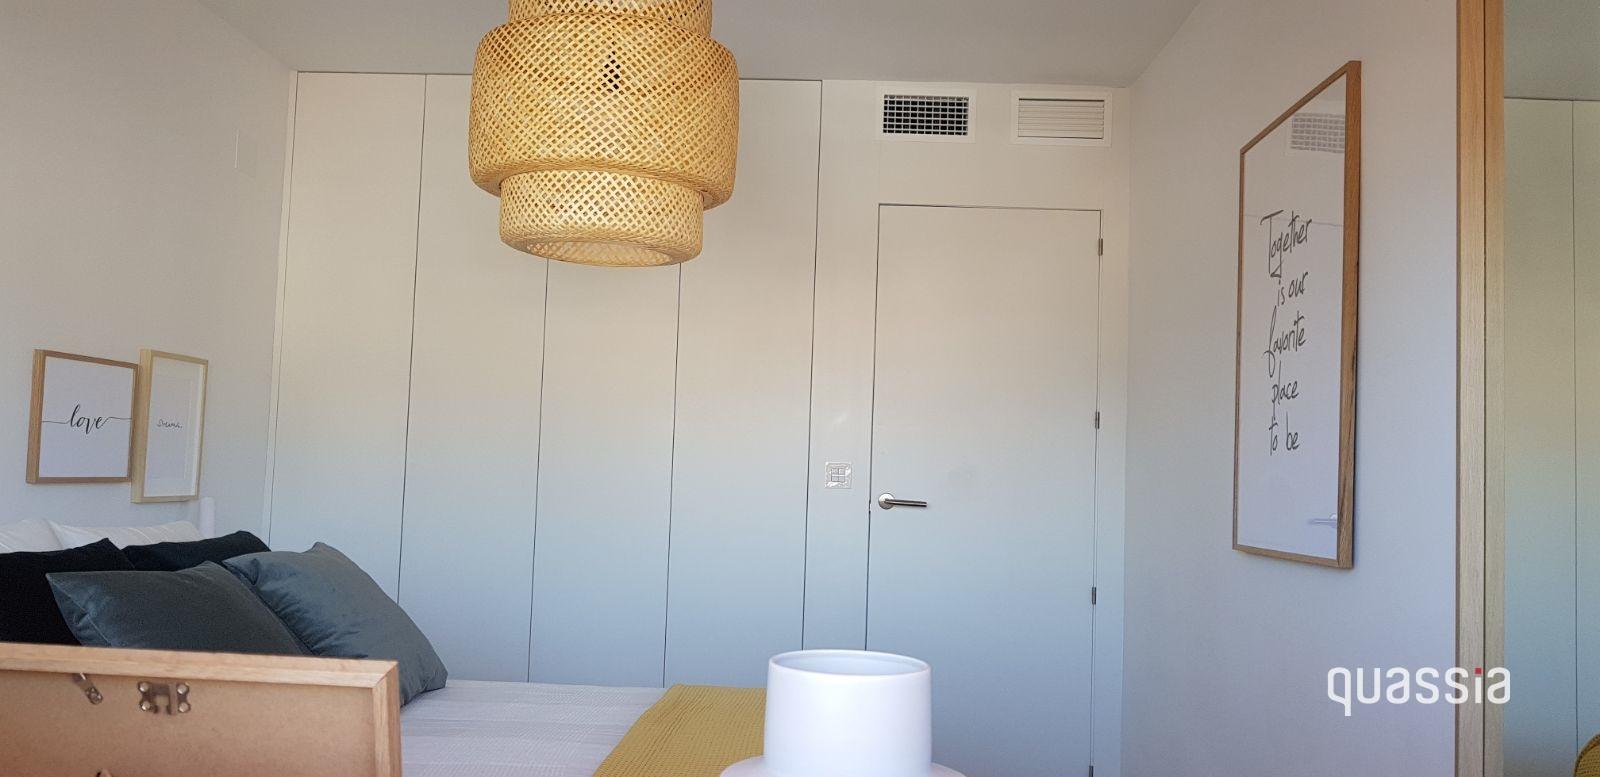 Reforma apartamento Fuengirola por Quassia (20)